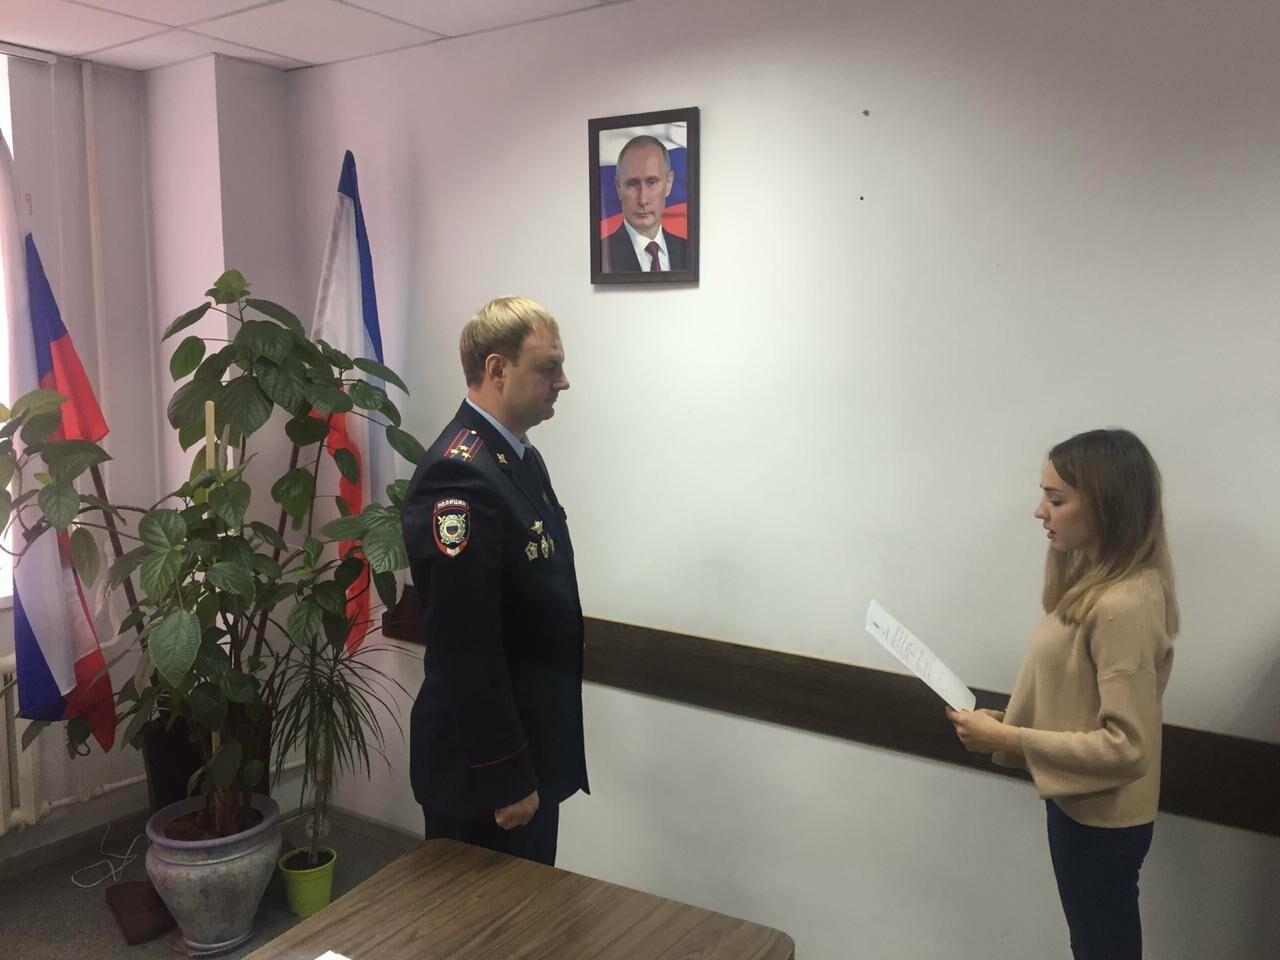 В УМВД России по г.Ялте состоялась церемония принятия Присяги иностранными гражданами, фото-2